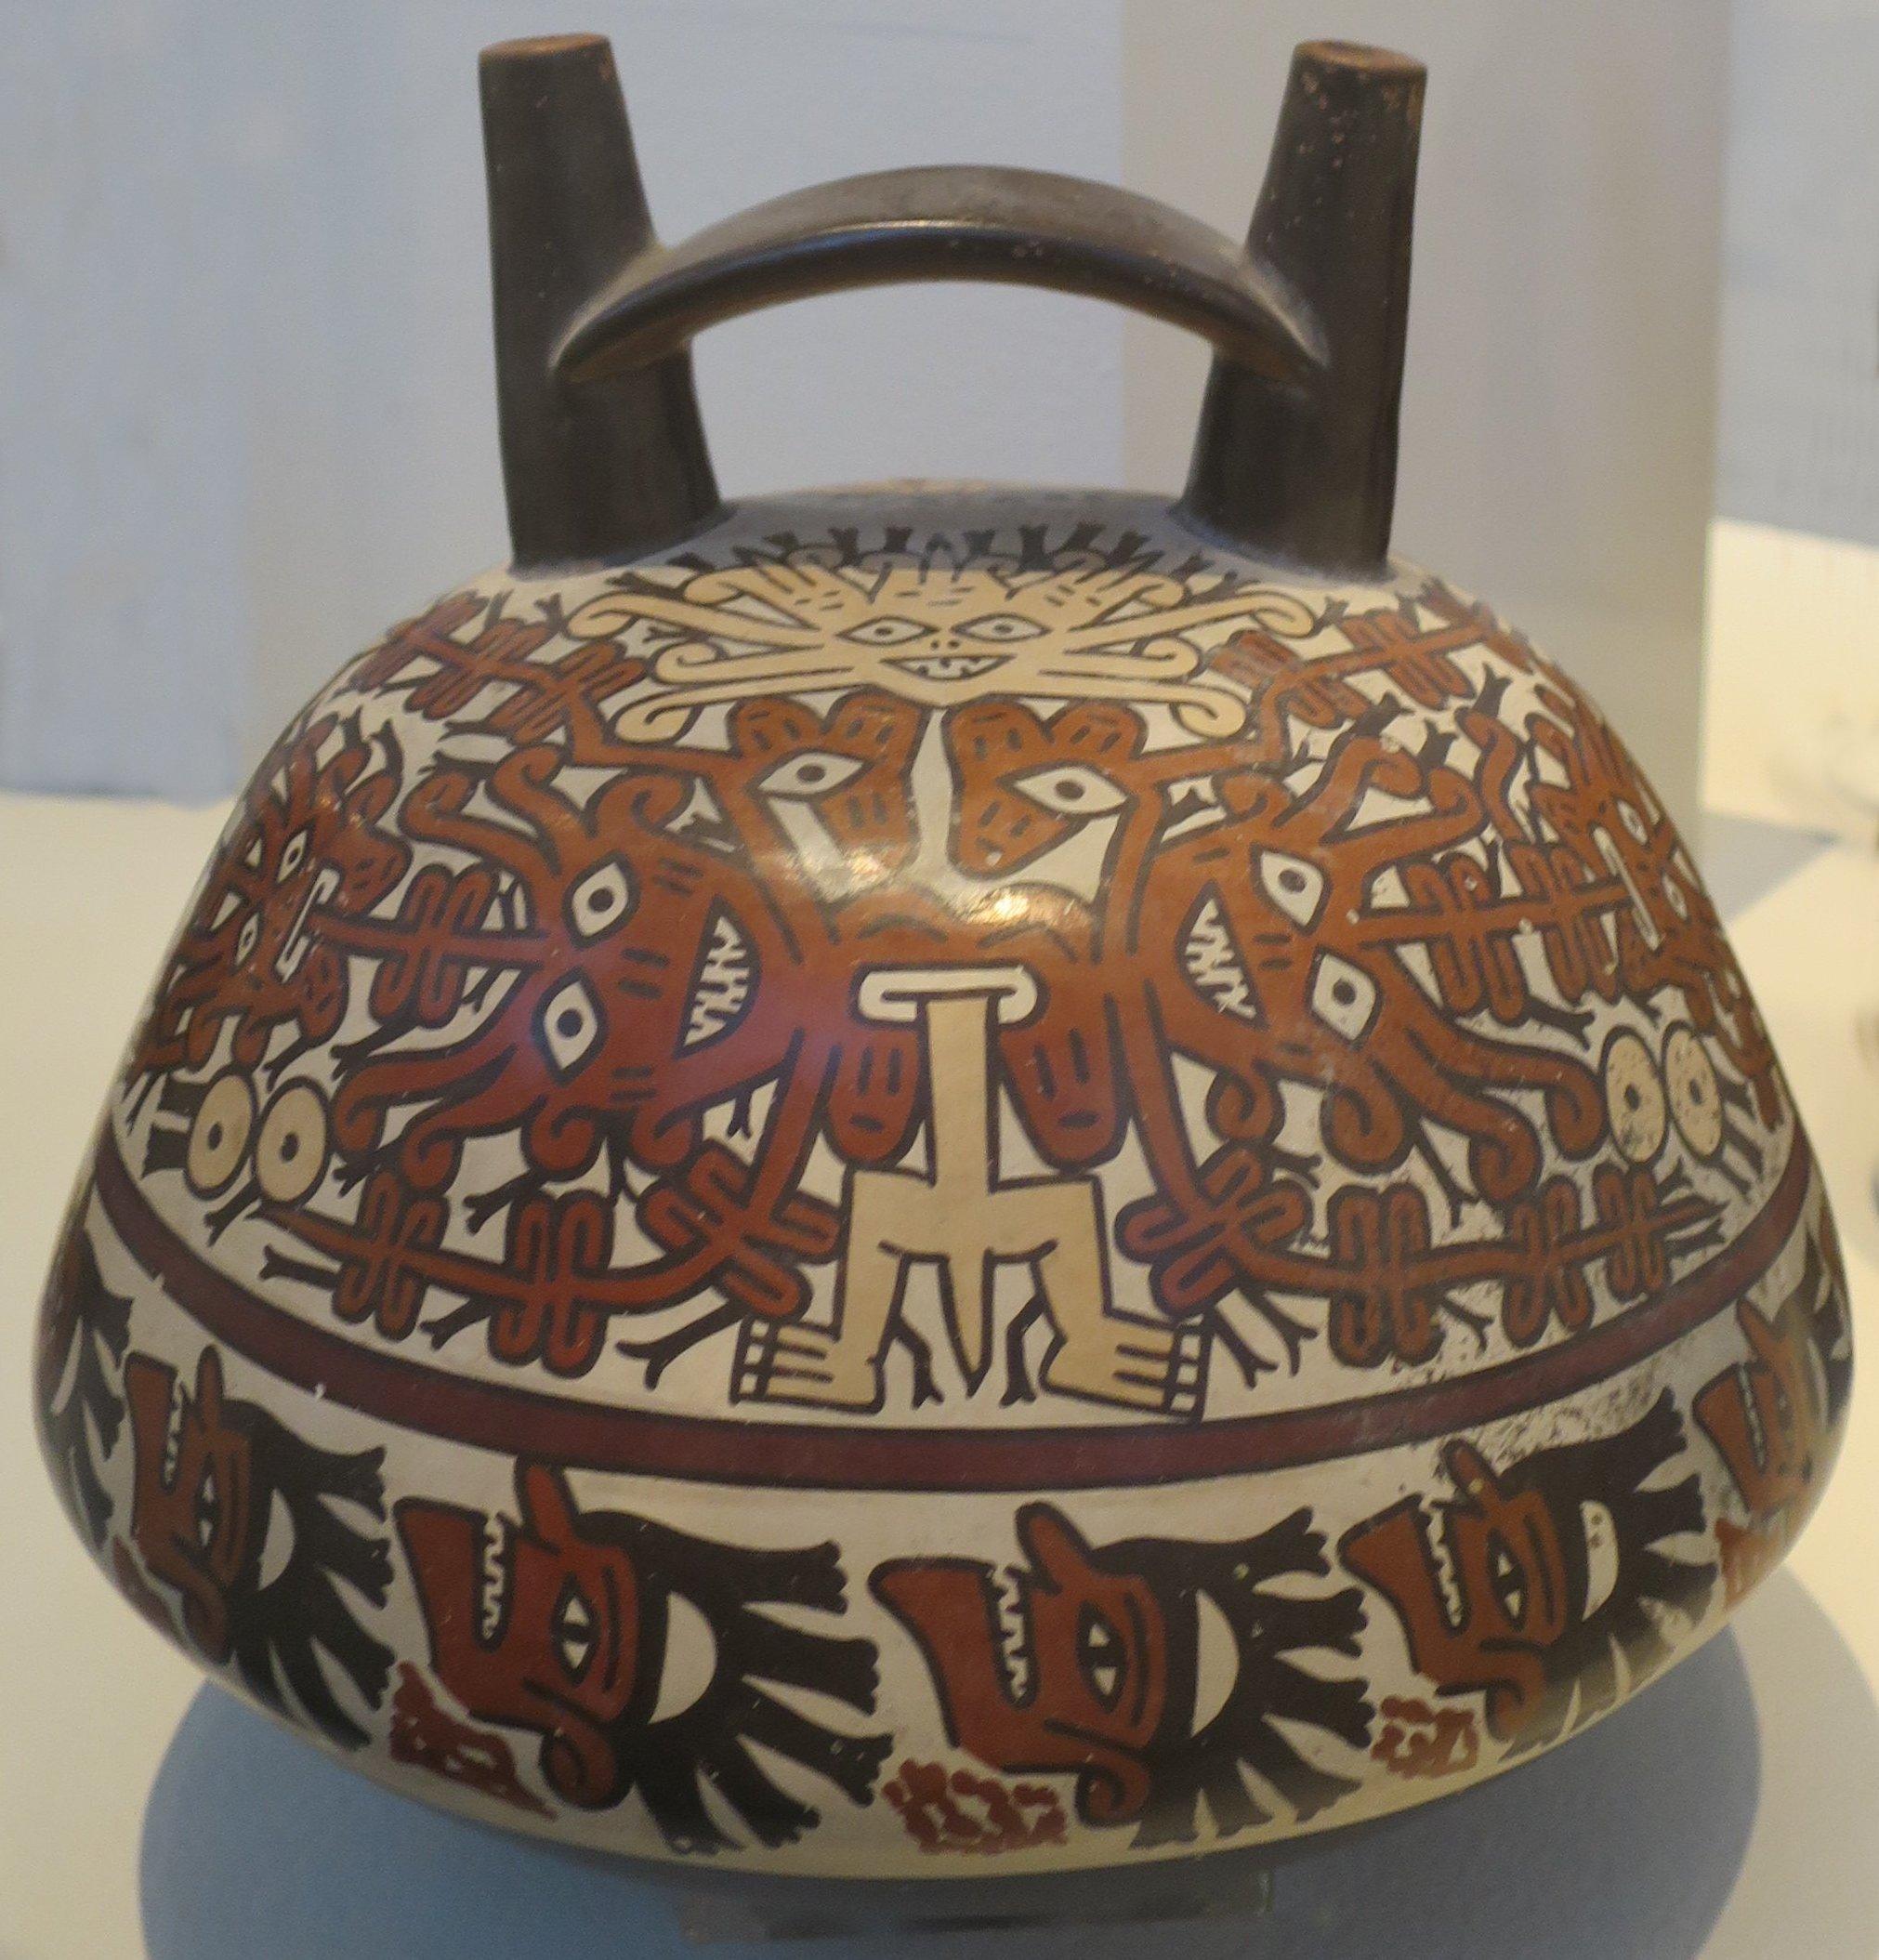 File:Double-spout vessel, Nazca culture, Honolulu Museum of Art, 3991